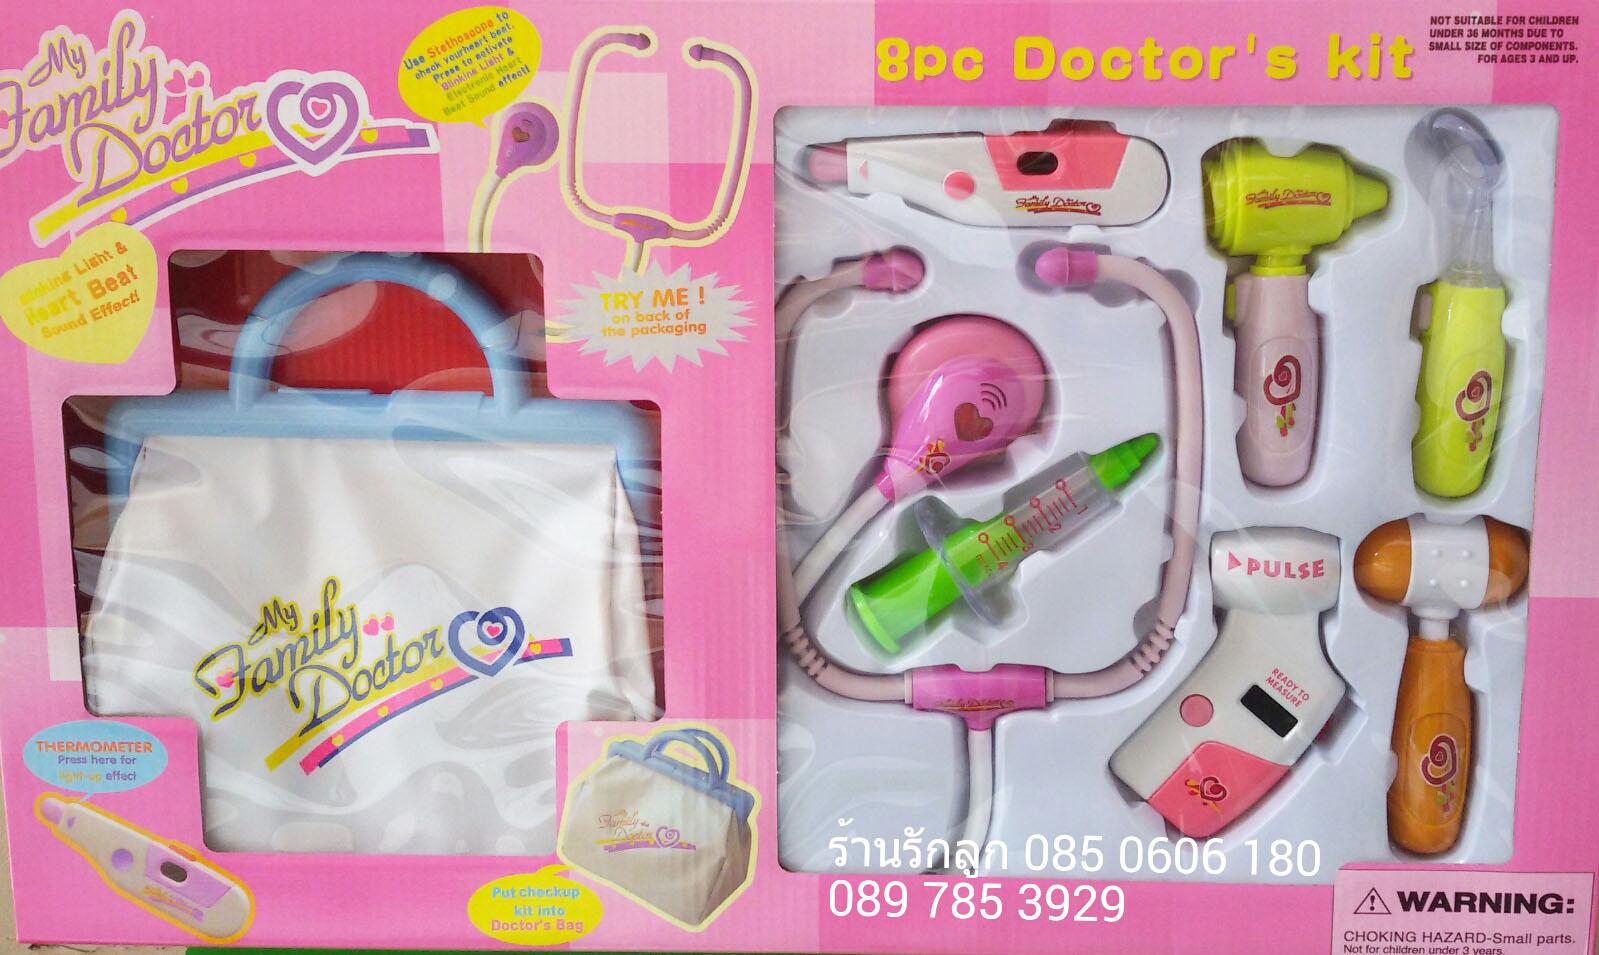 ชุดอุปกรณ์ของเล่นคุณหมอ